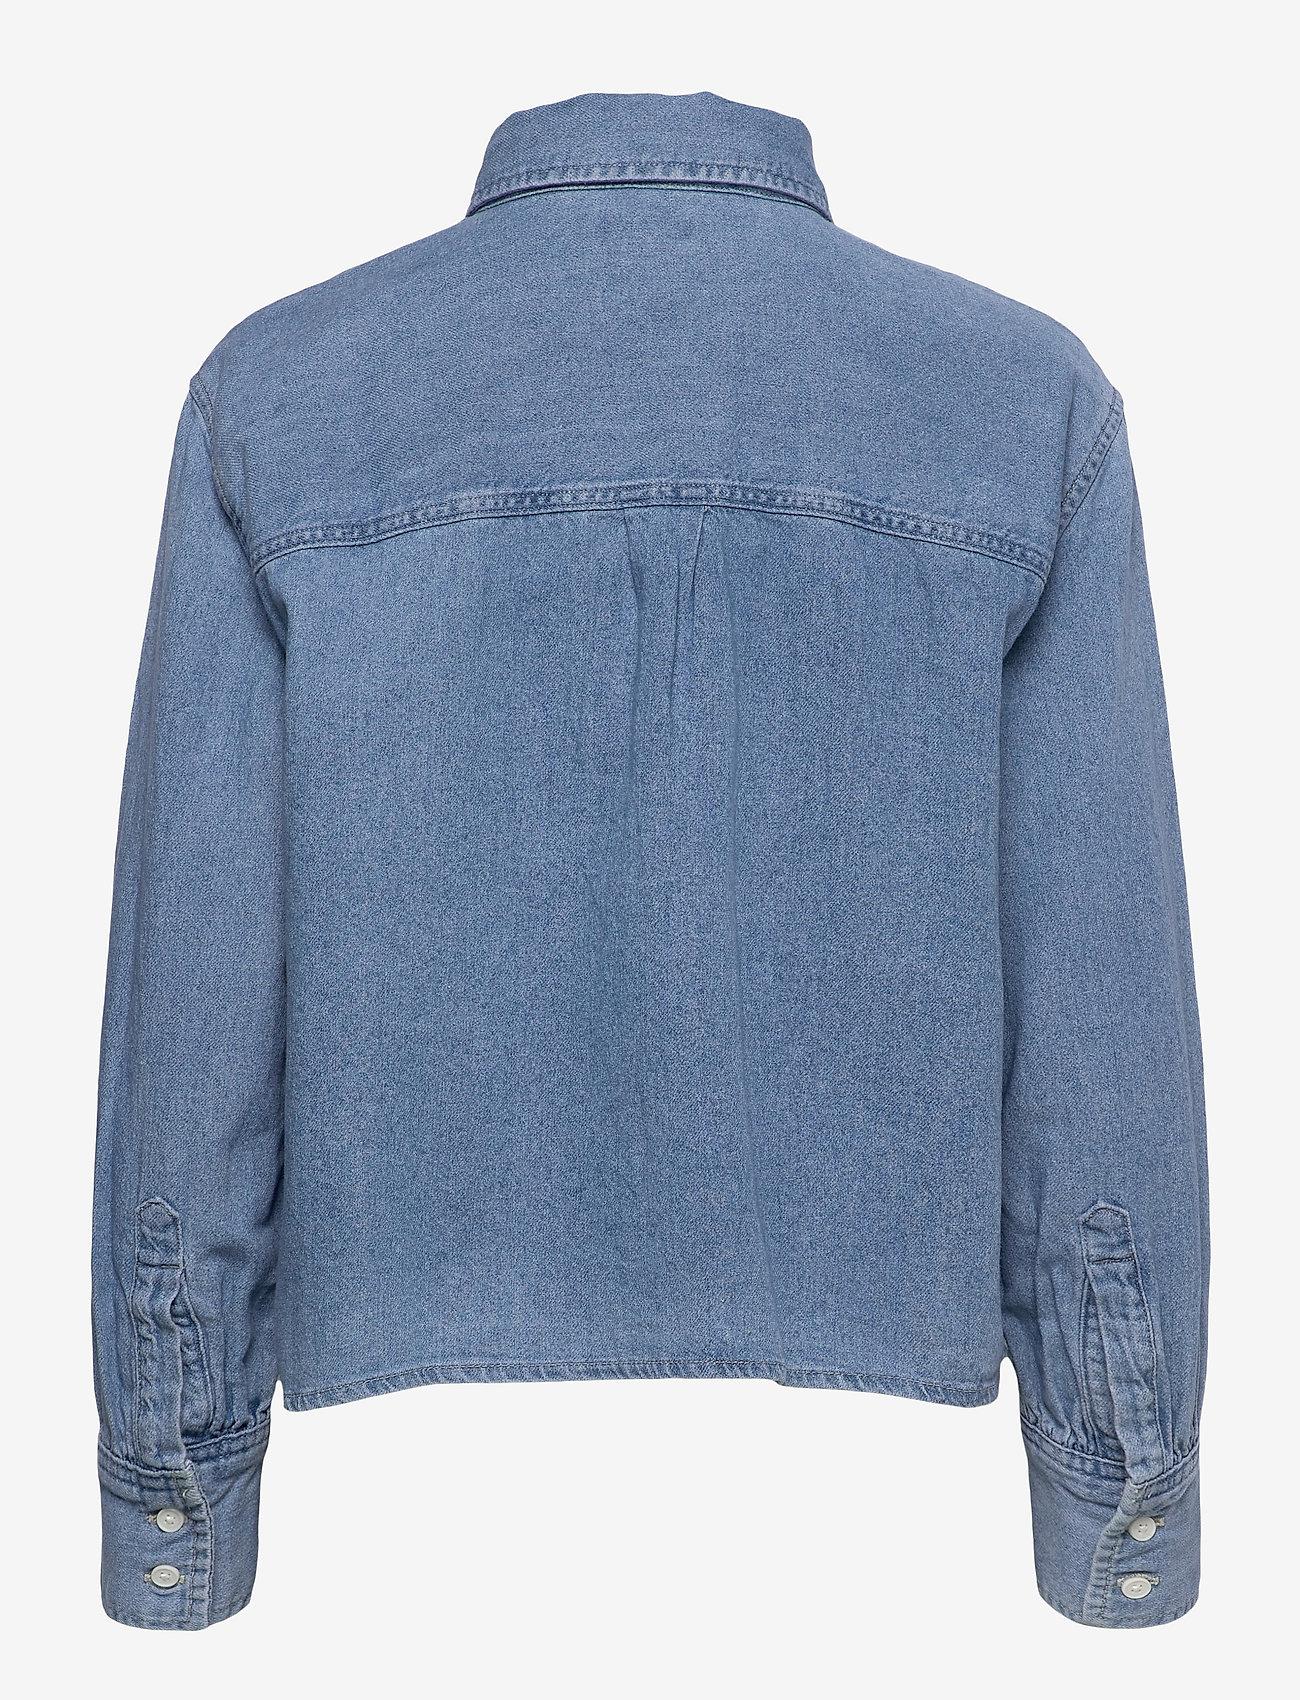 LEVI´S Women - ZOEY PLEAT UTILITY SHIRT STAY - long-sleeved shirts - med indigo - flat finish - 1